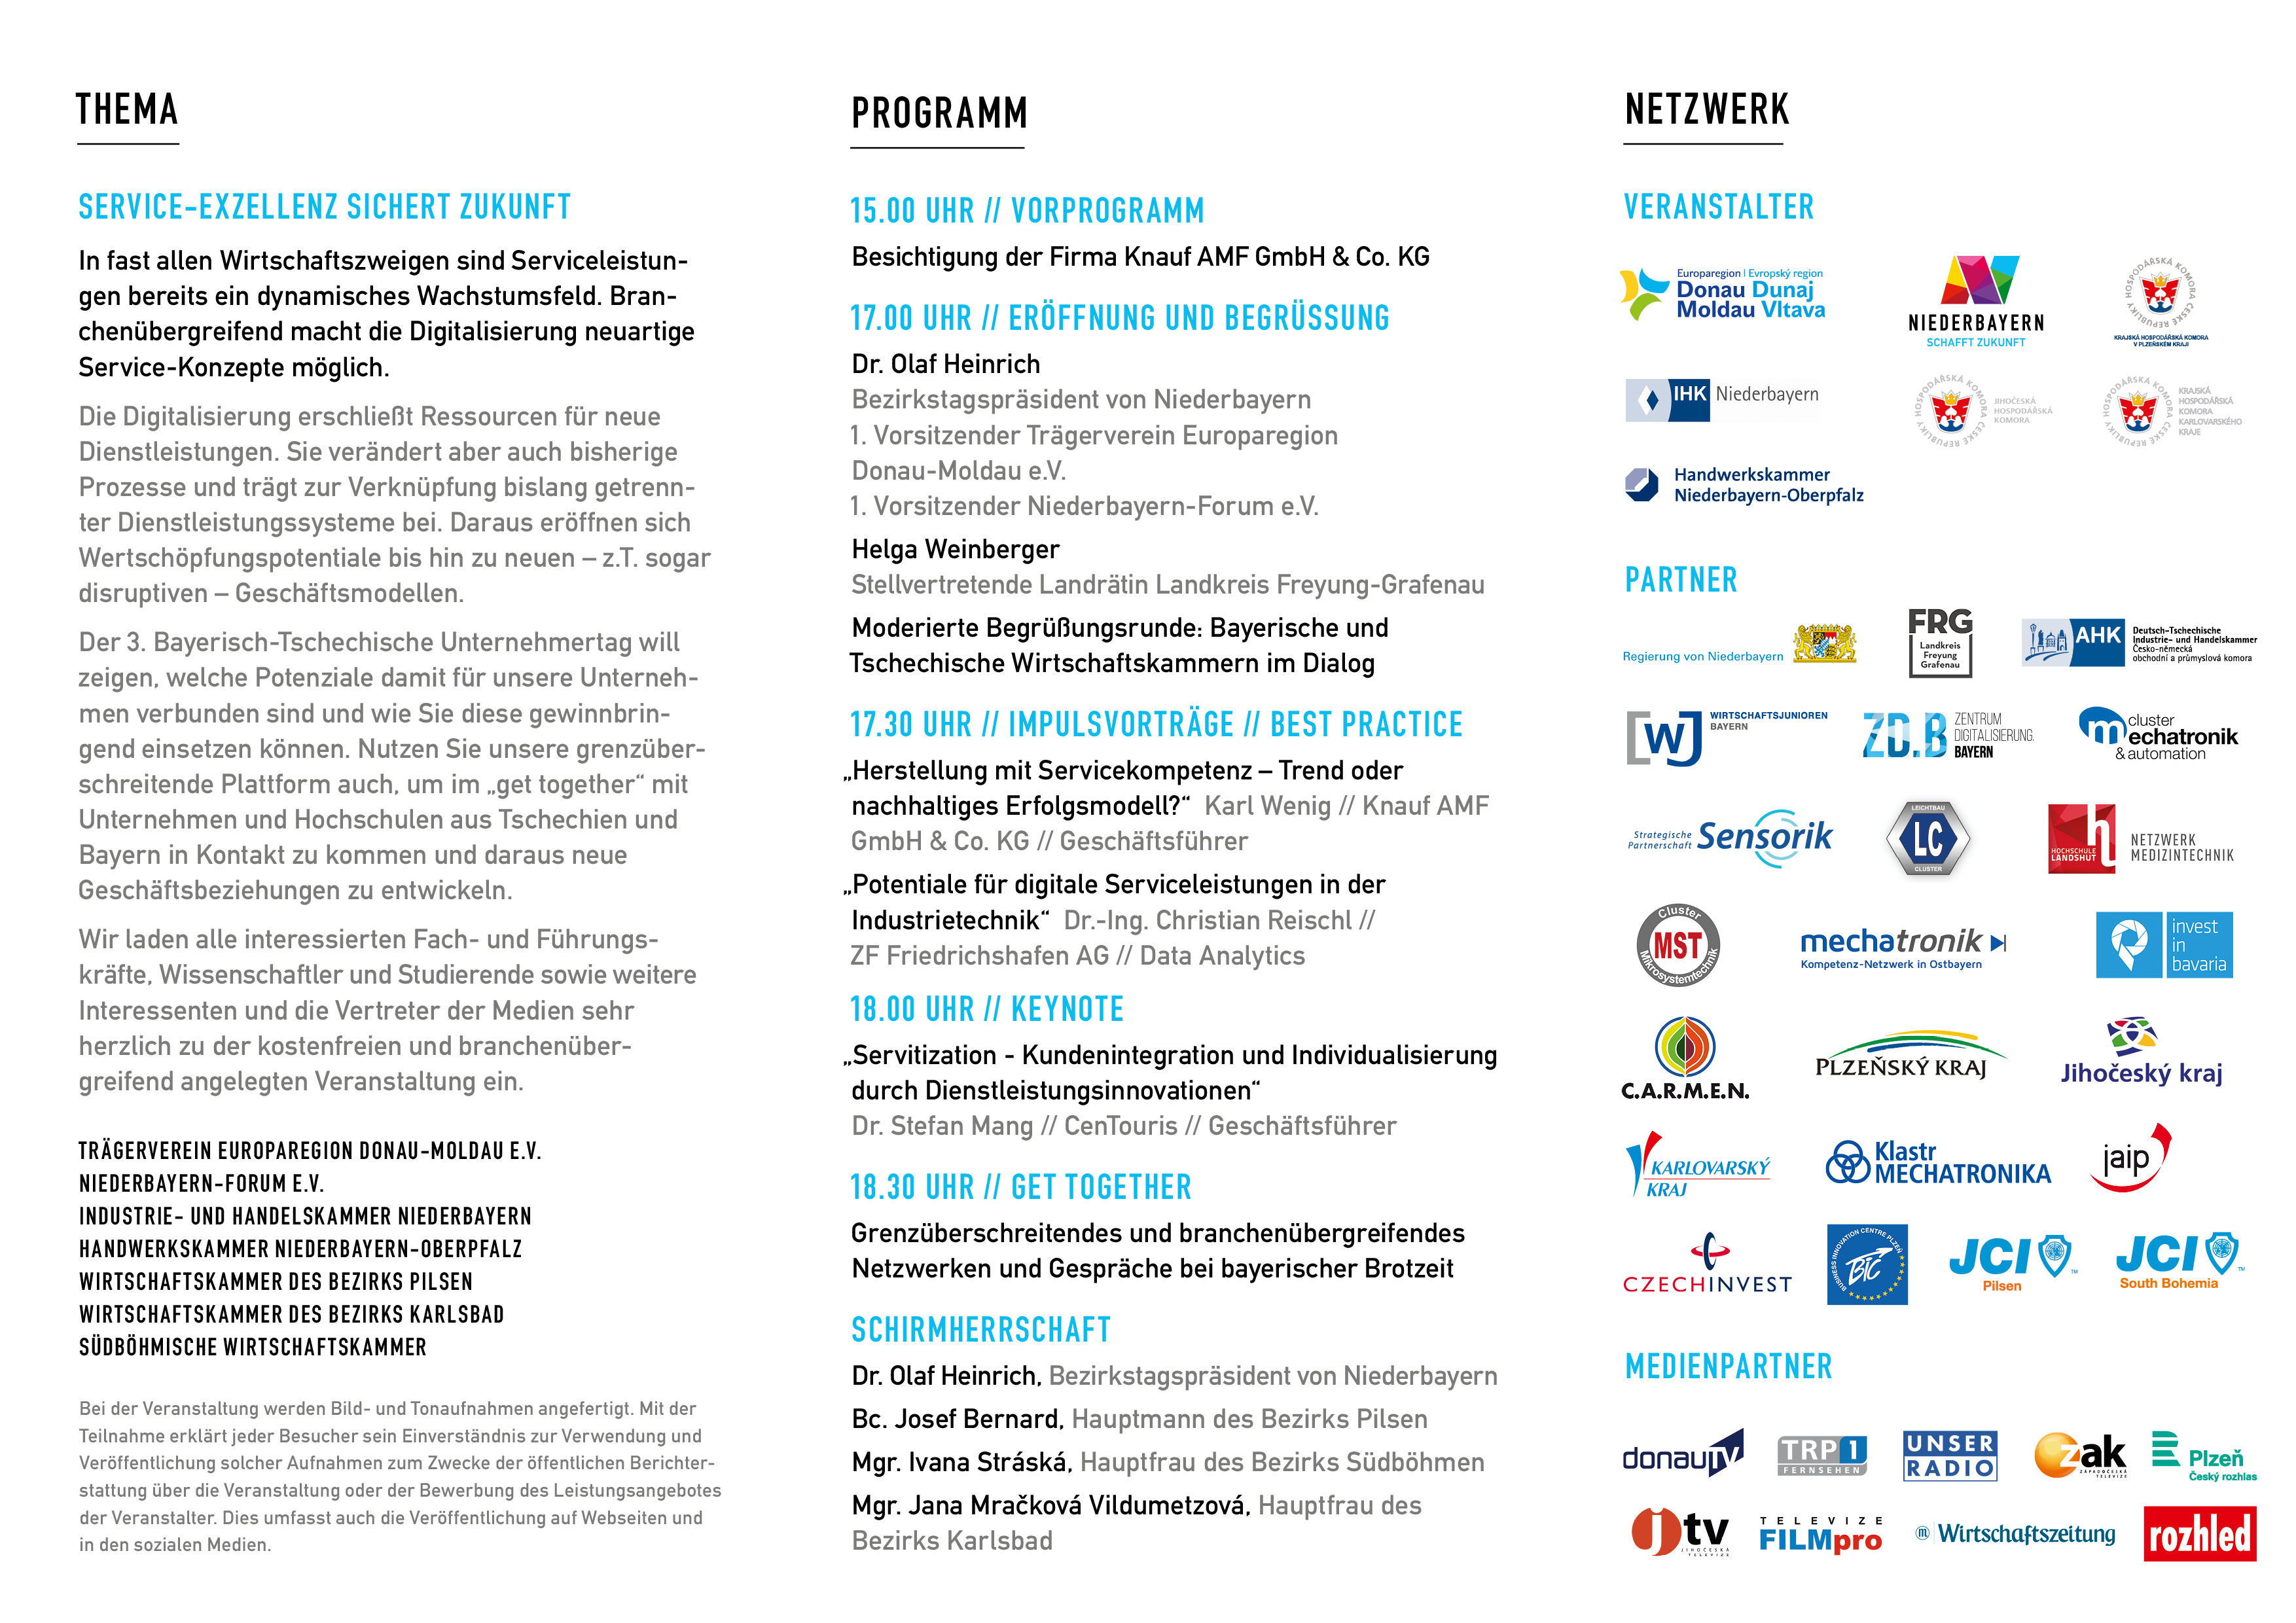 3-bayerisch-tschechischer-unternehmertag_einladung2